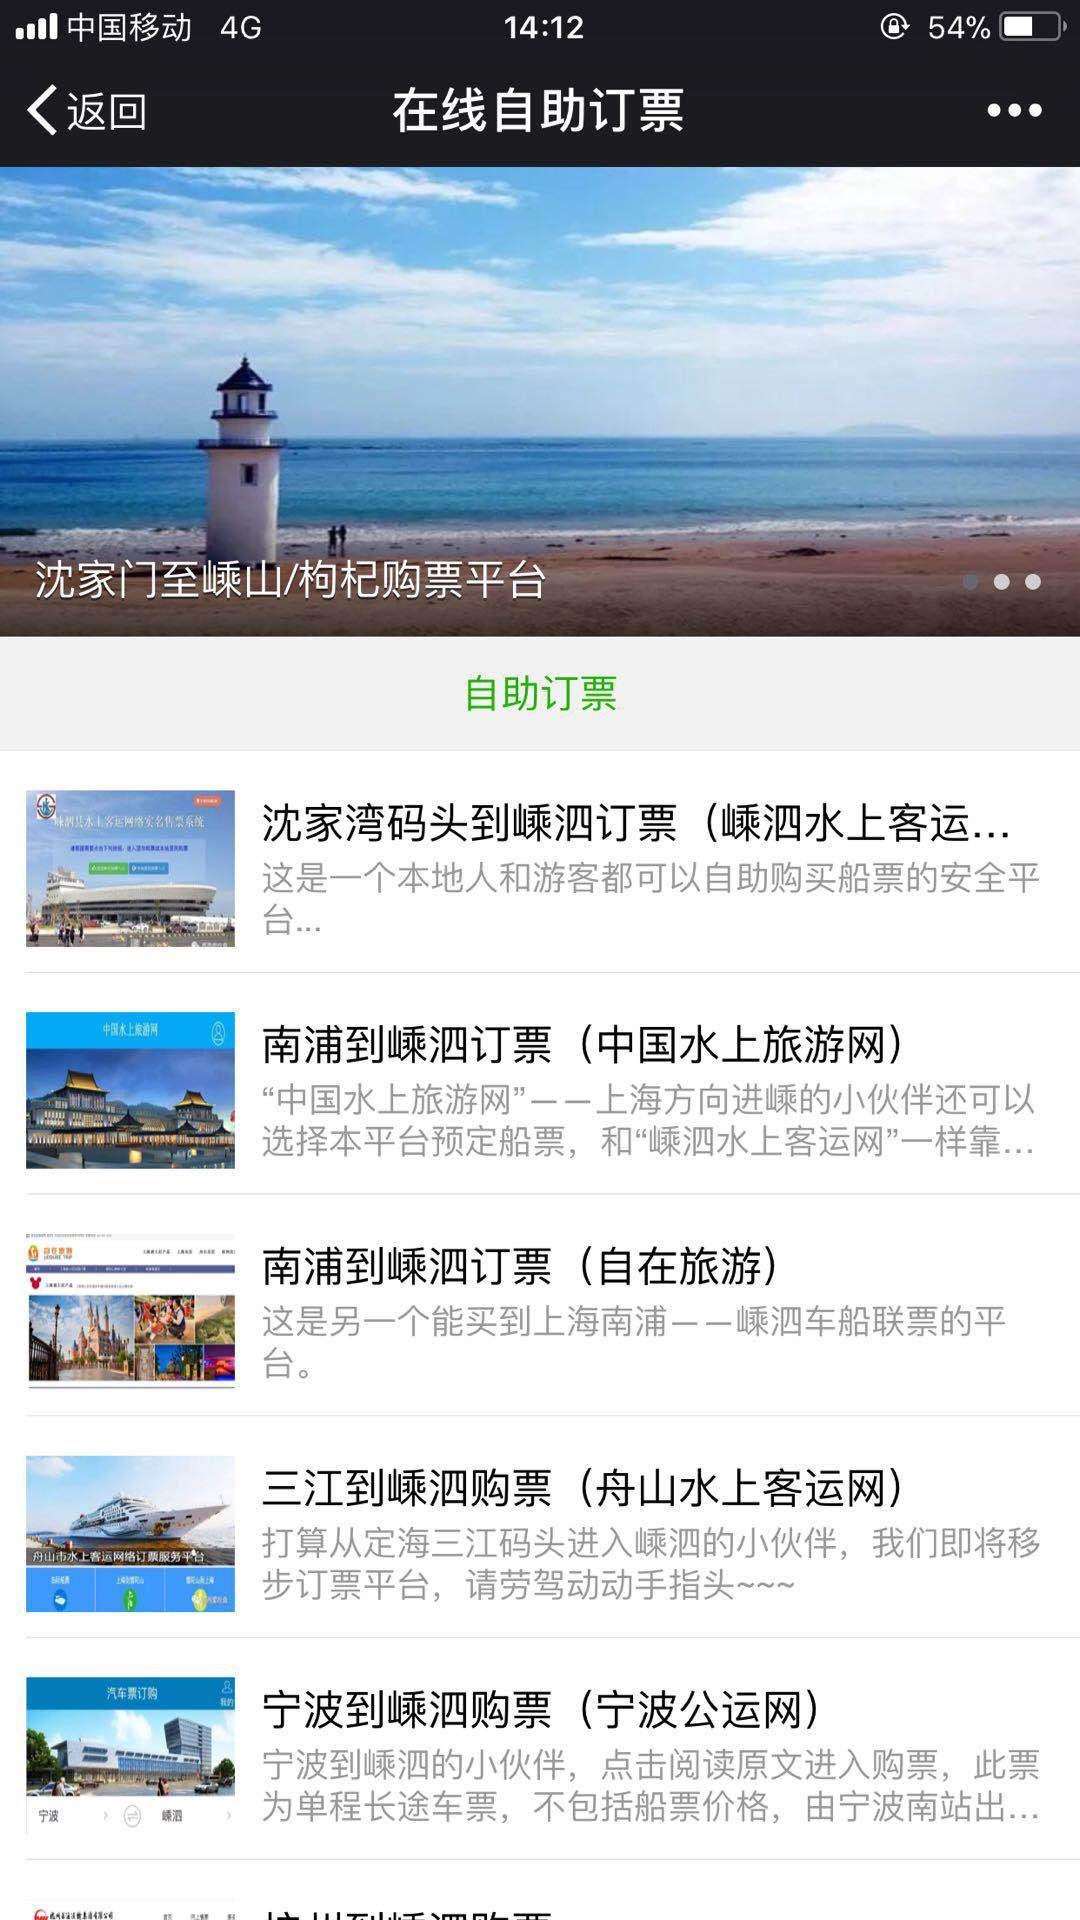 沈家湾船票预定_上海出发到嵊泗可以网络订船票吗?在哪订? - 知乎